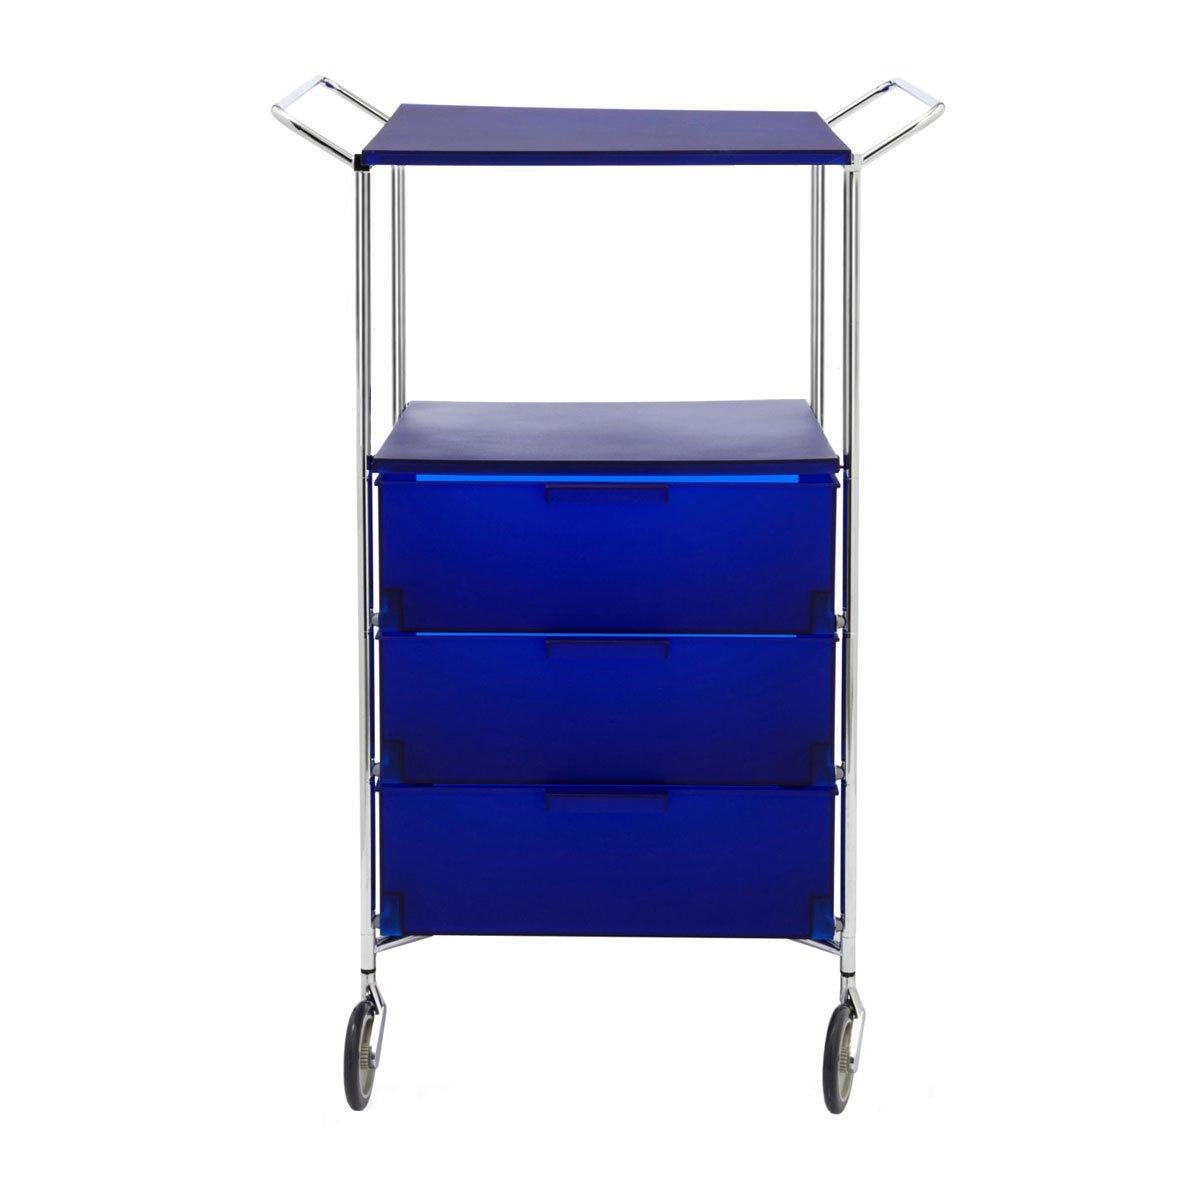 Kartell 2330L7 Container Mobil, 3 Schubladen, blau